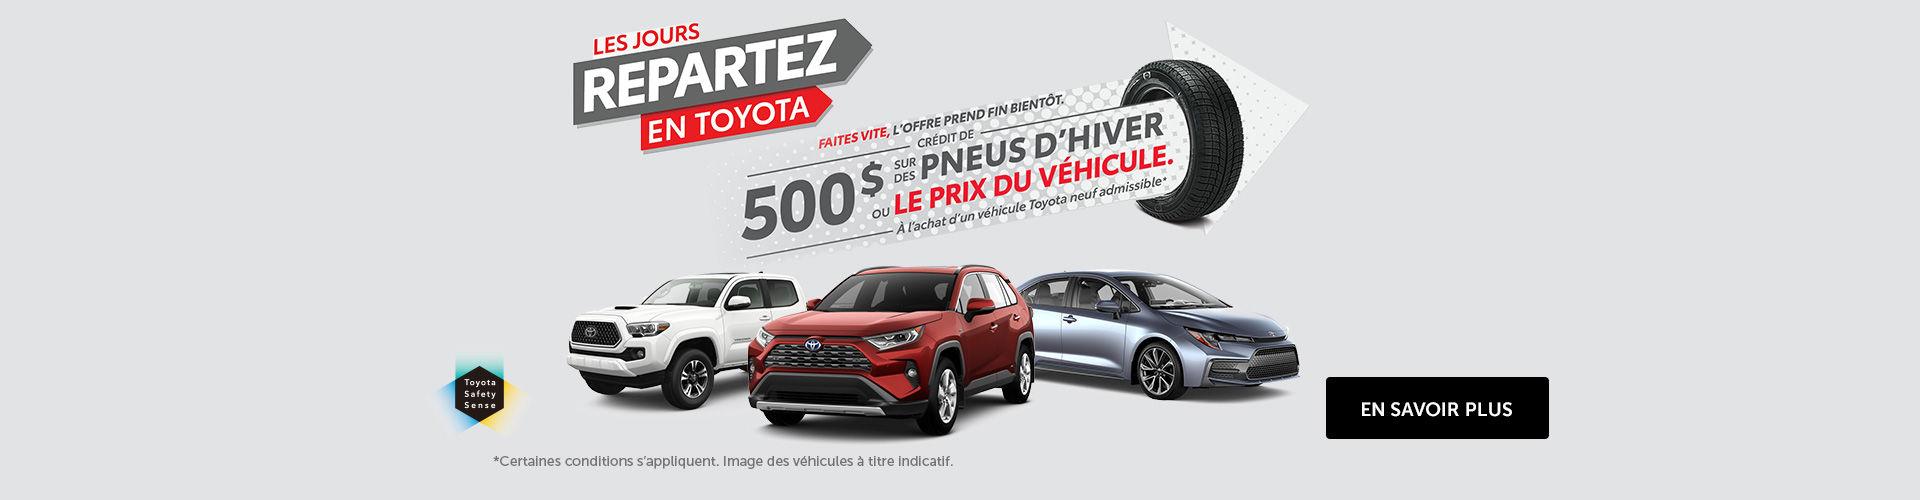 L'événement Toyota